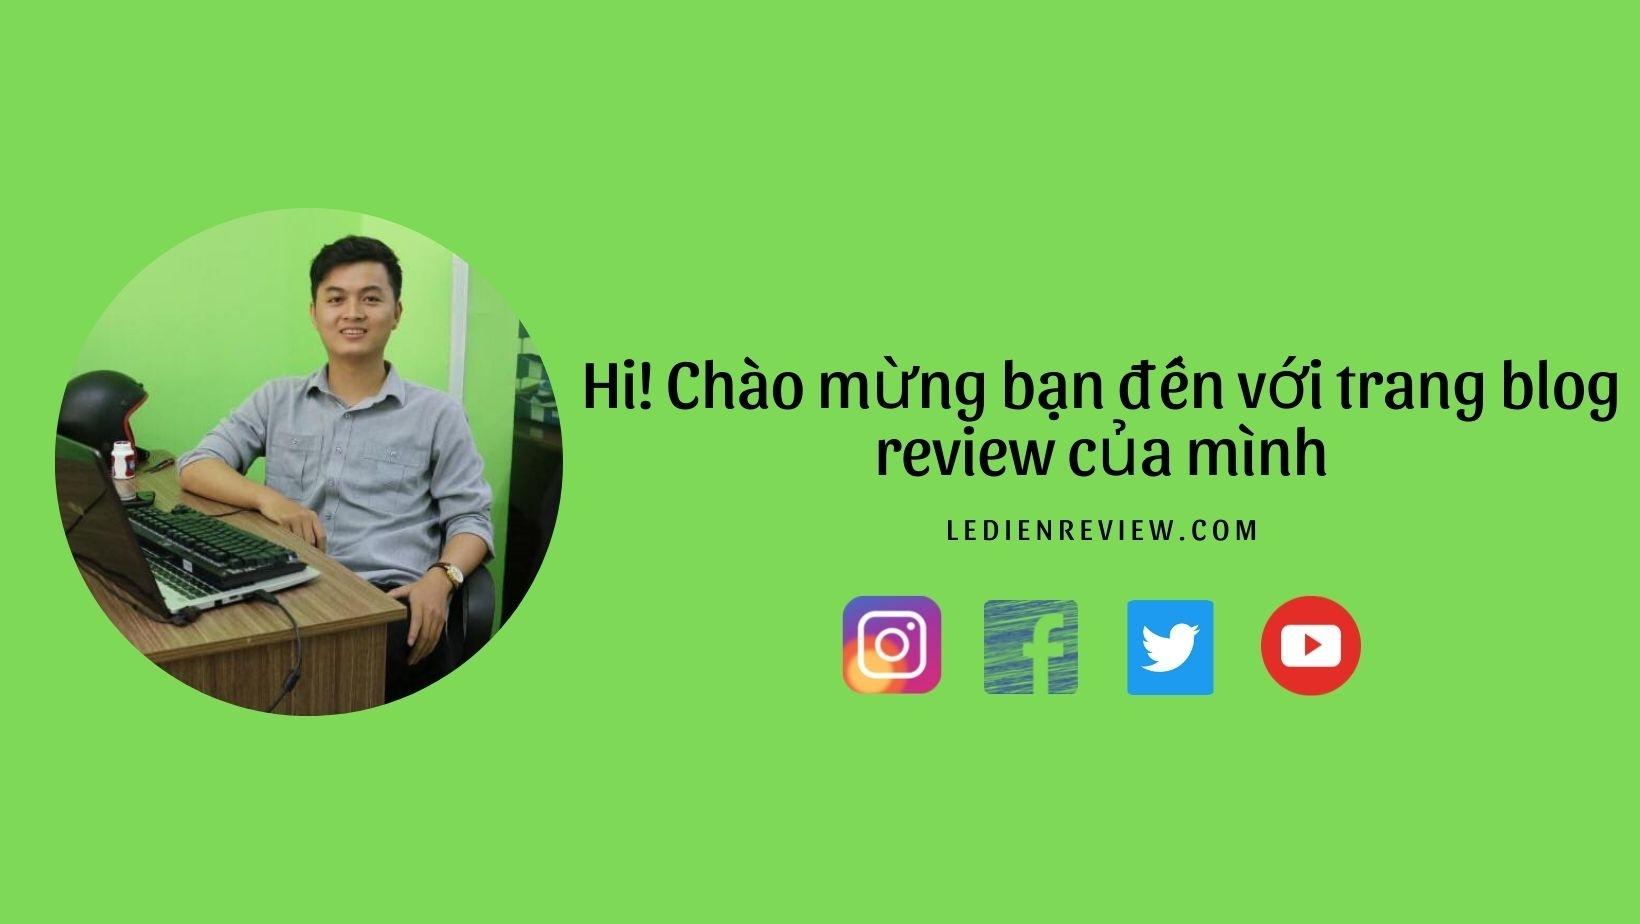 Le Dien Review (@ledienreviewcom) Cover Image